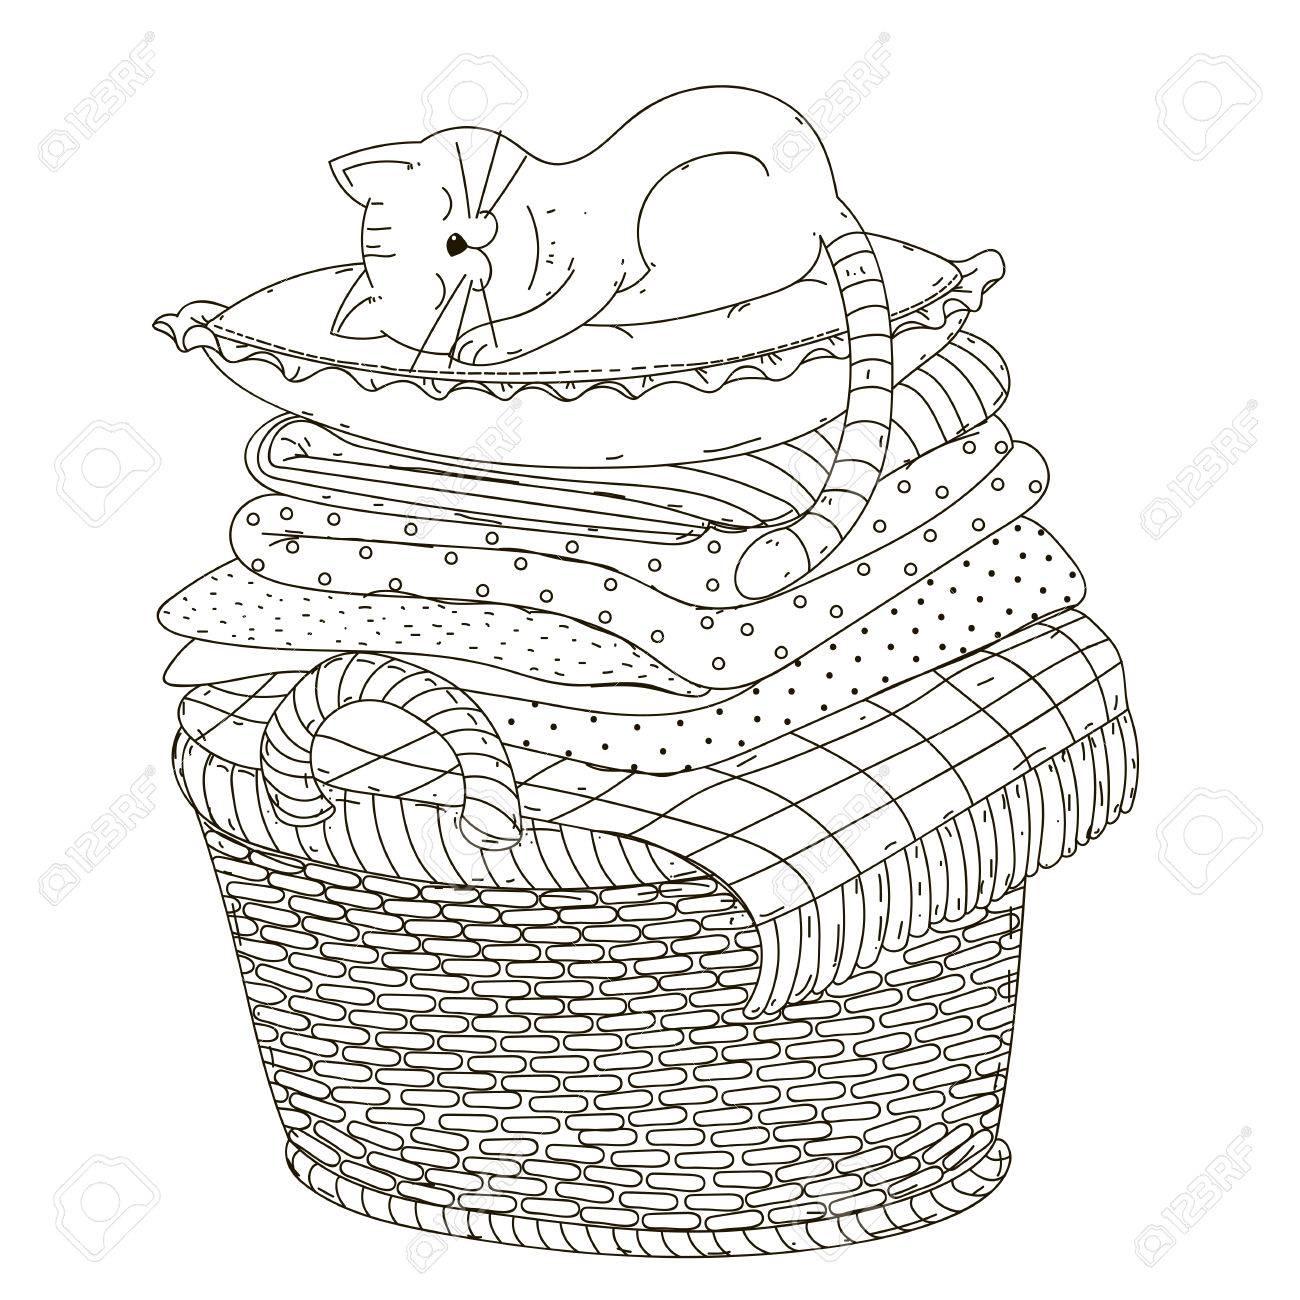 Die Katze Schläft Auf Einem Kissen Bettwäsche Korb Lizenzfrei